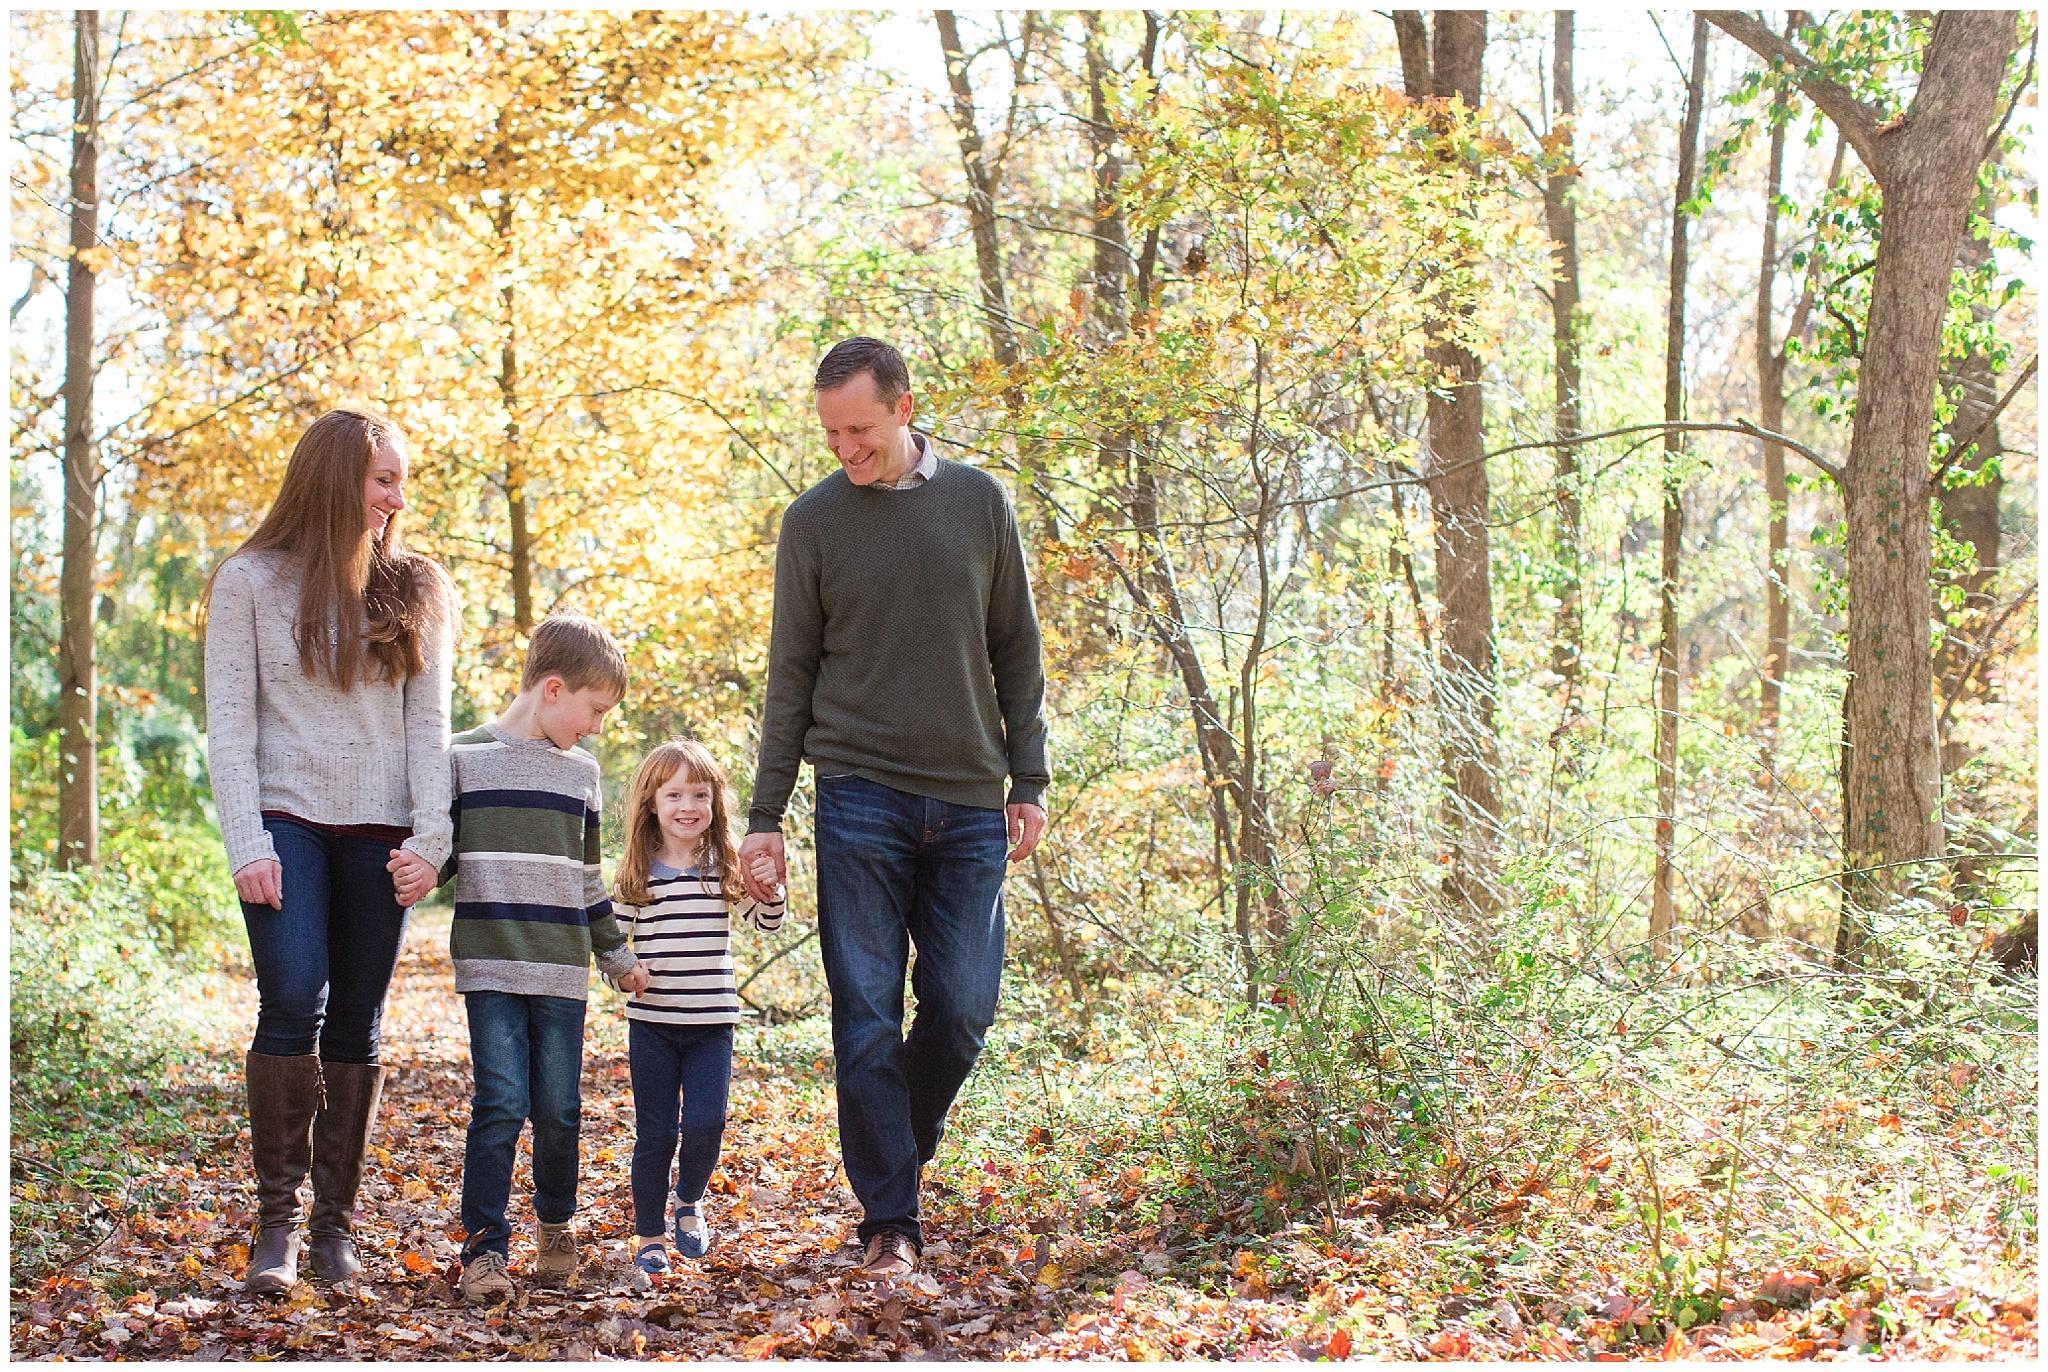 Holleran_familyphotos_0028.jpg